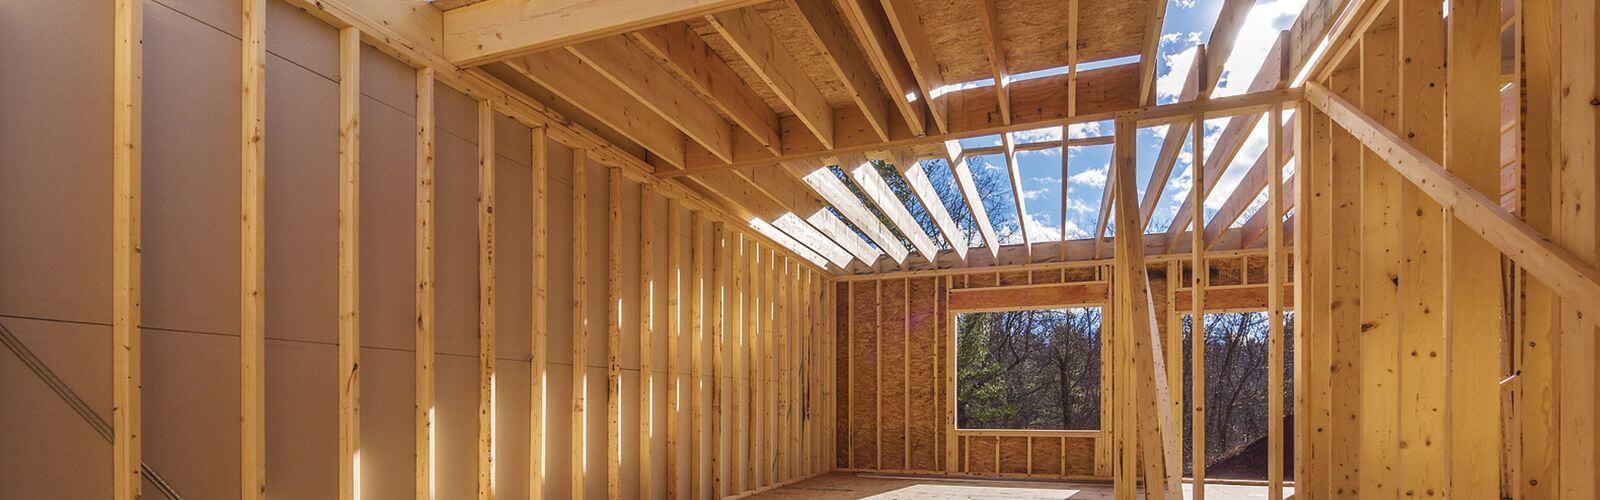 Maison ossature bois Couffé